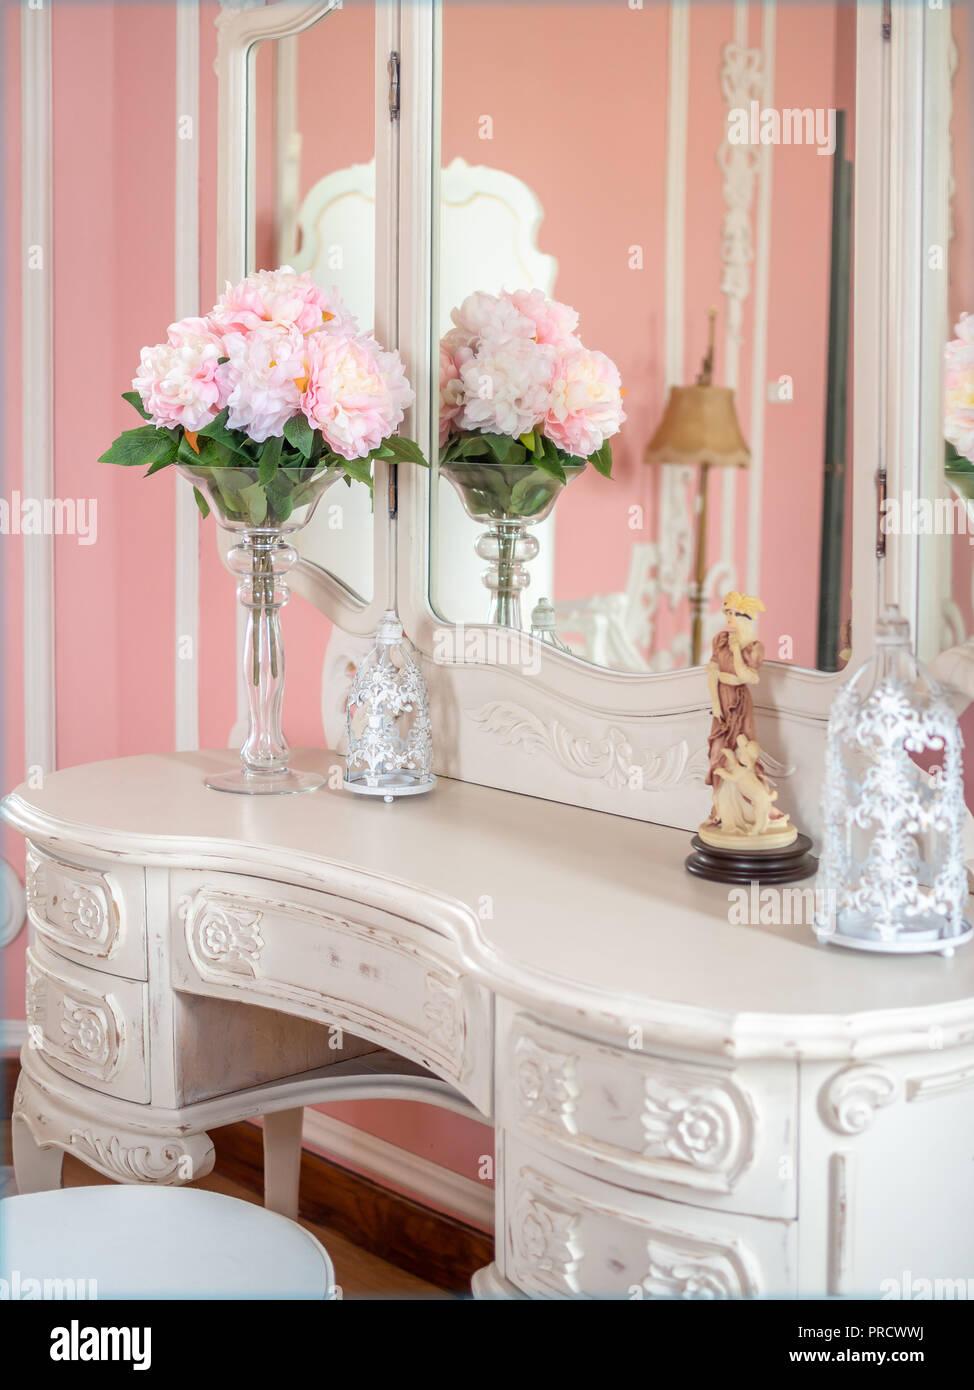 Blumenstrau aus rosa bl ten in glas vase auf wei em for Retro zimmer deko